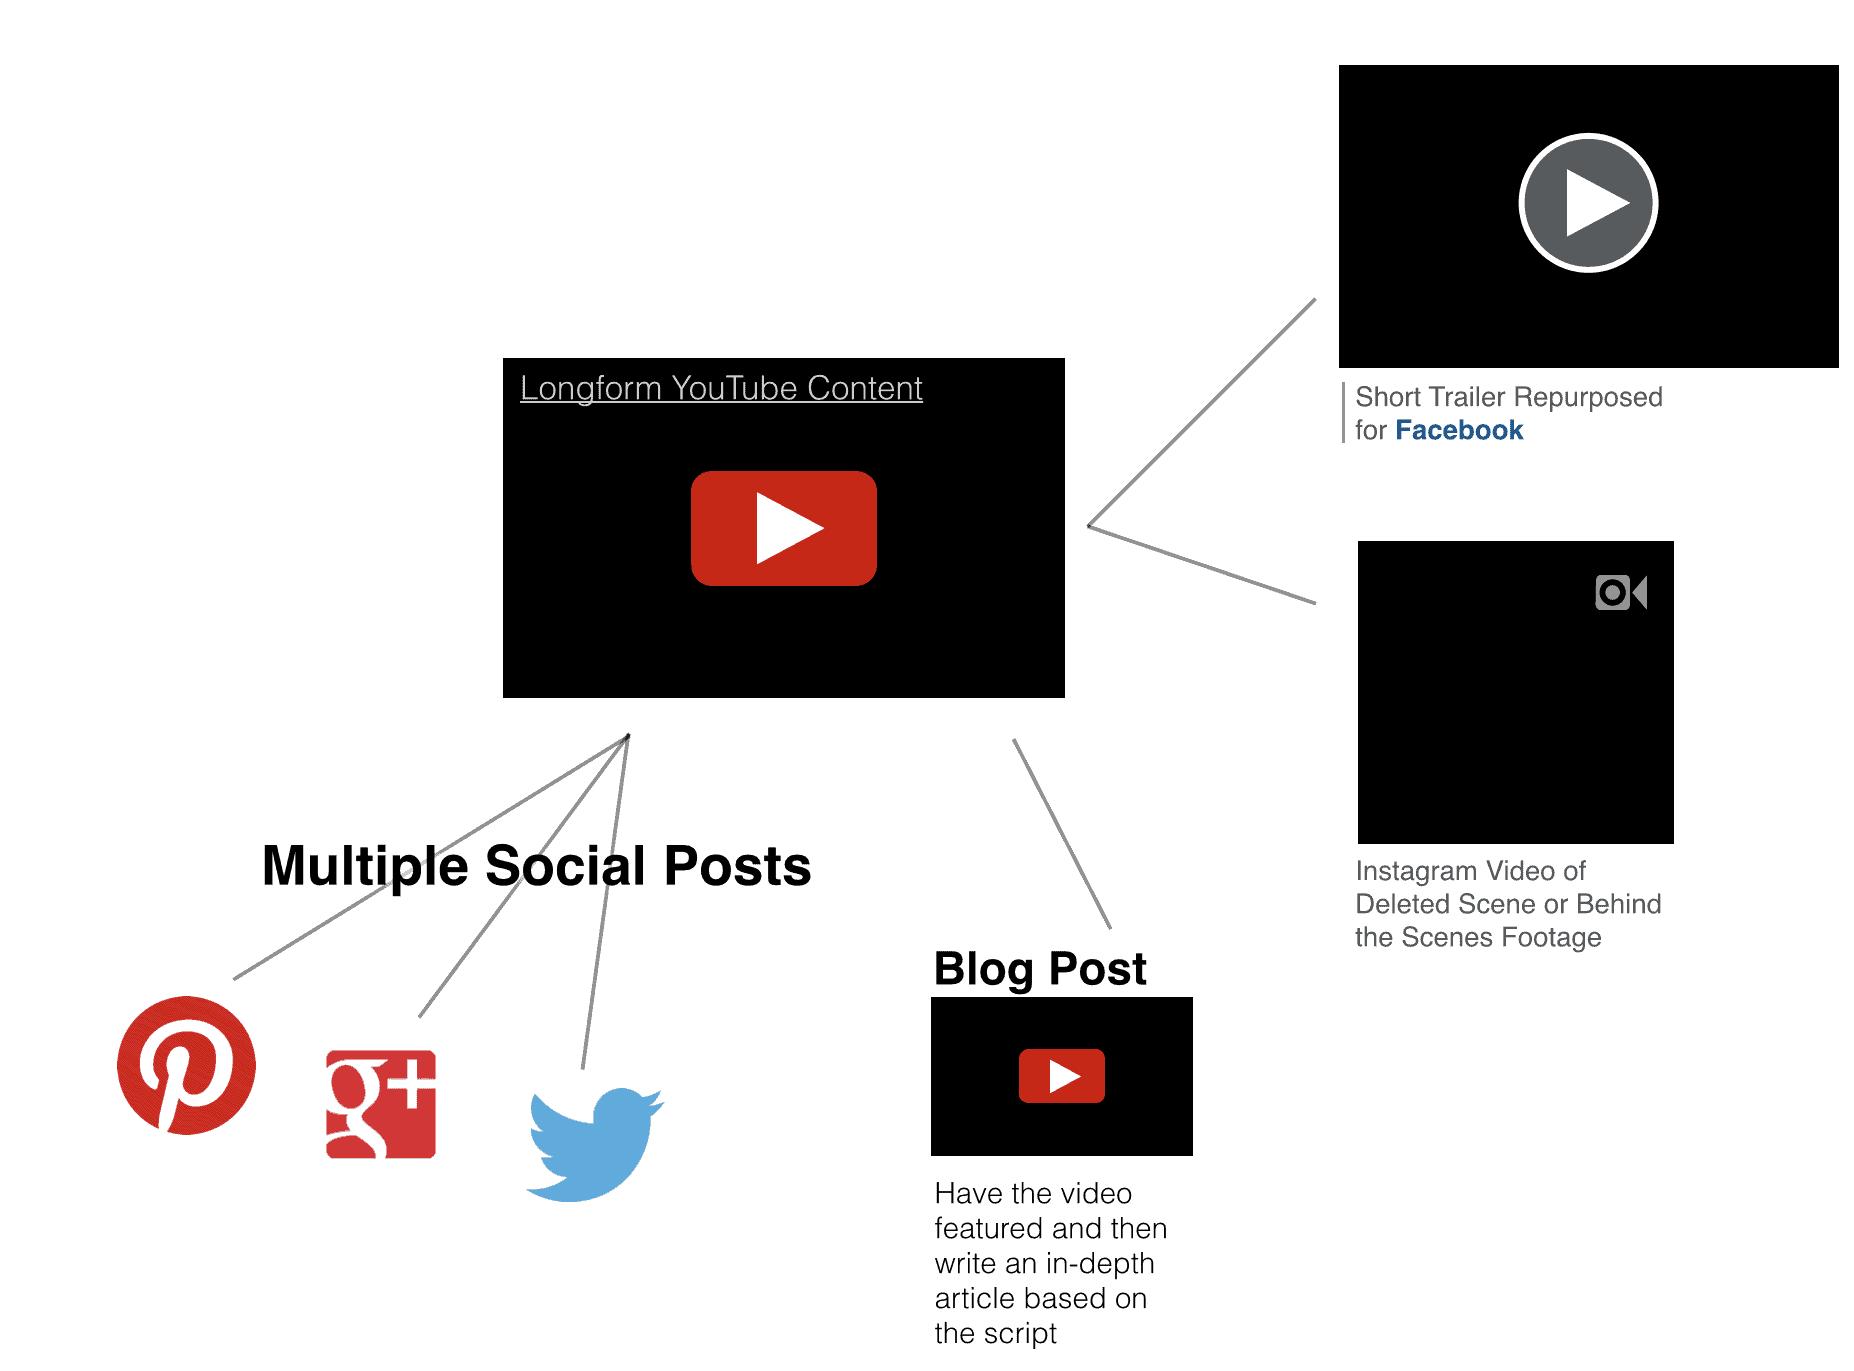 repurposed videos